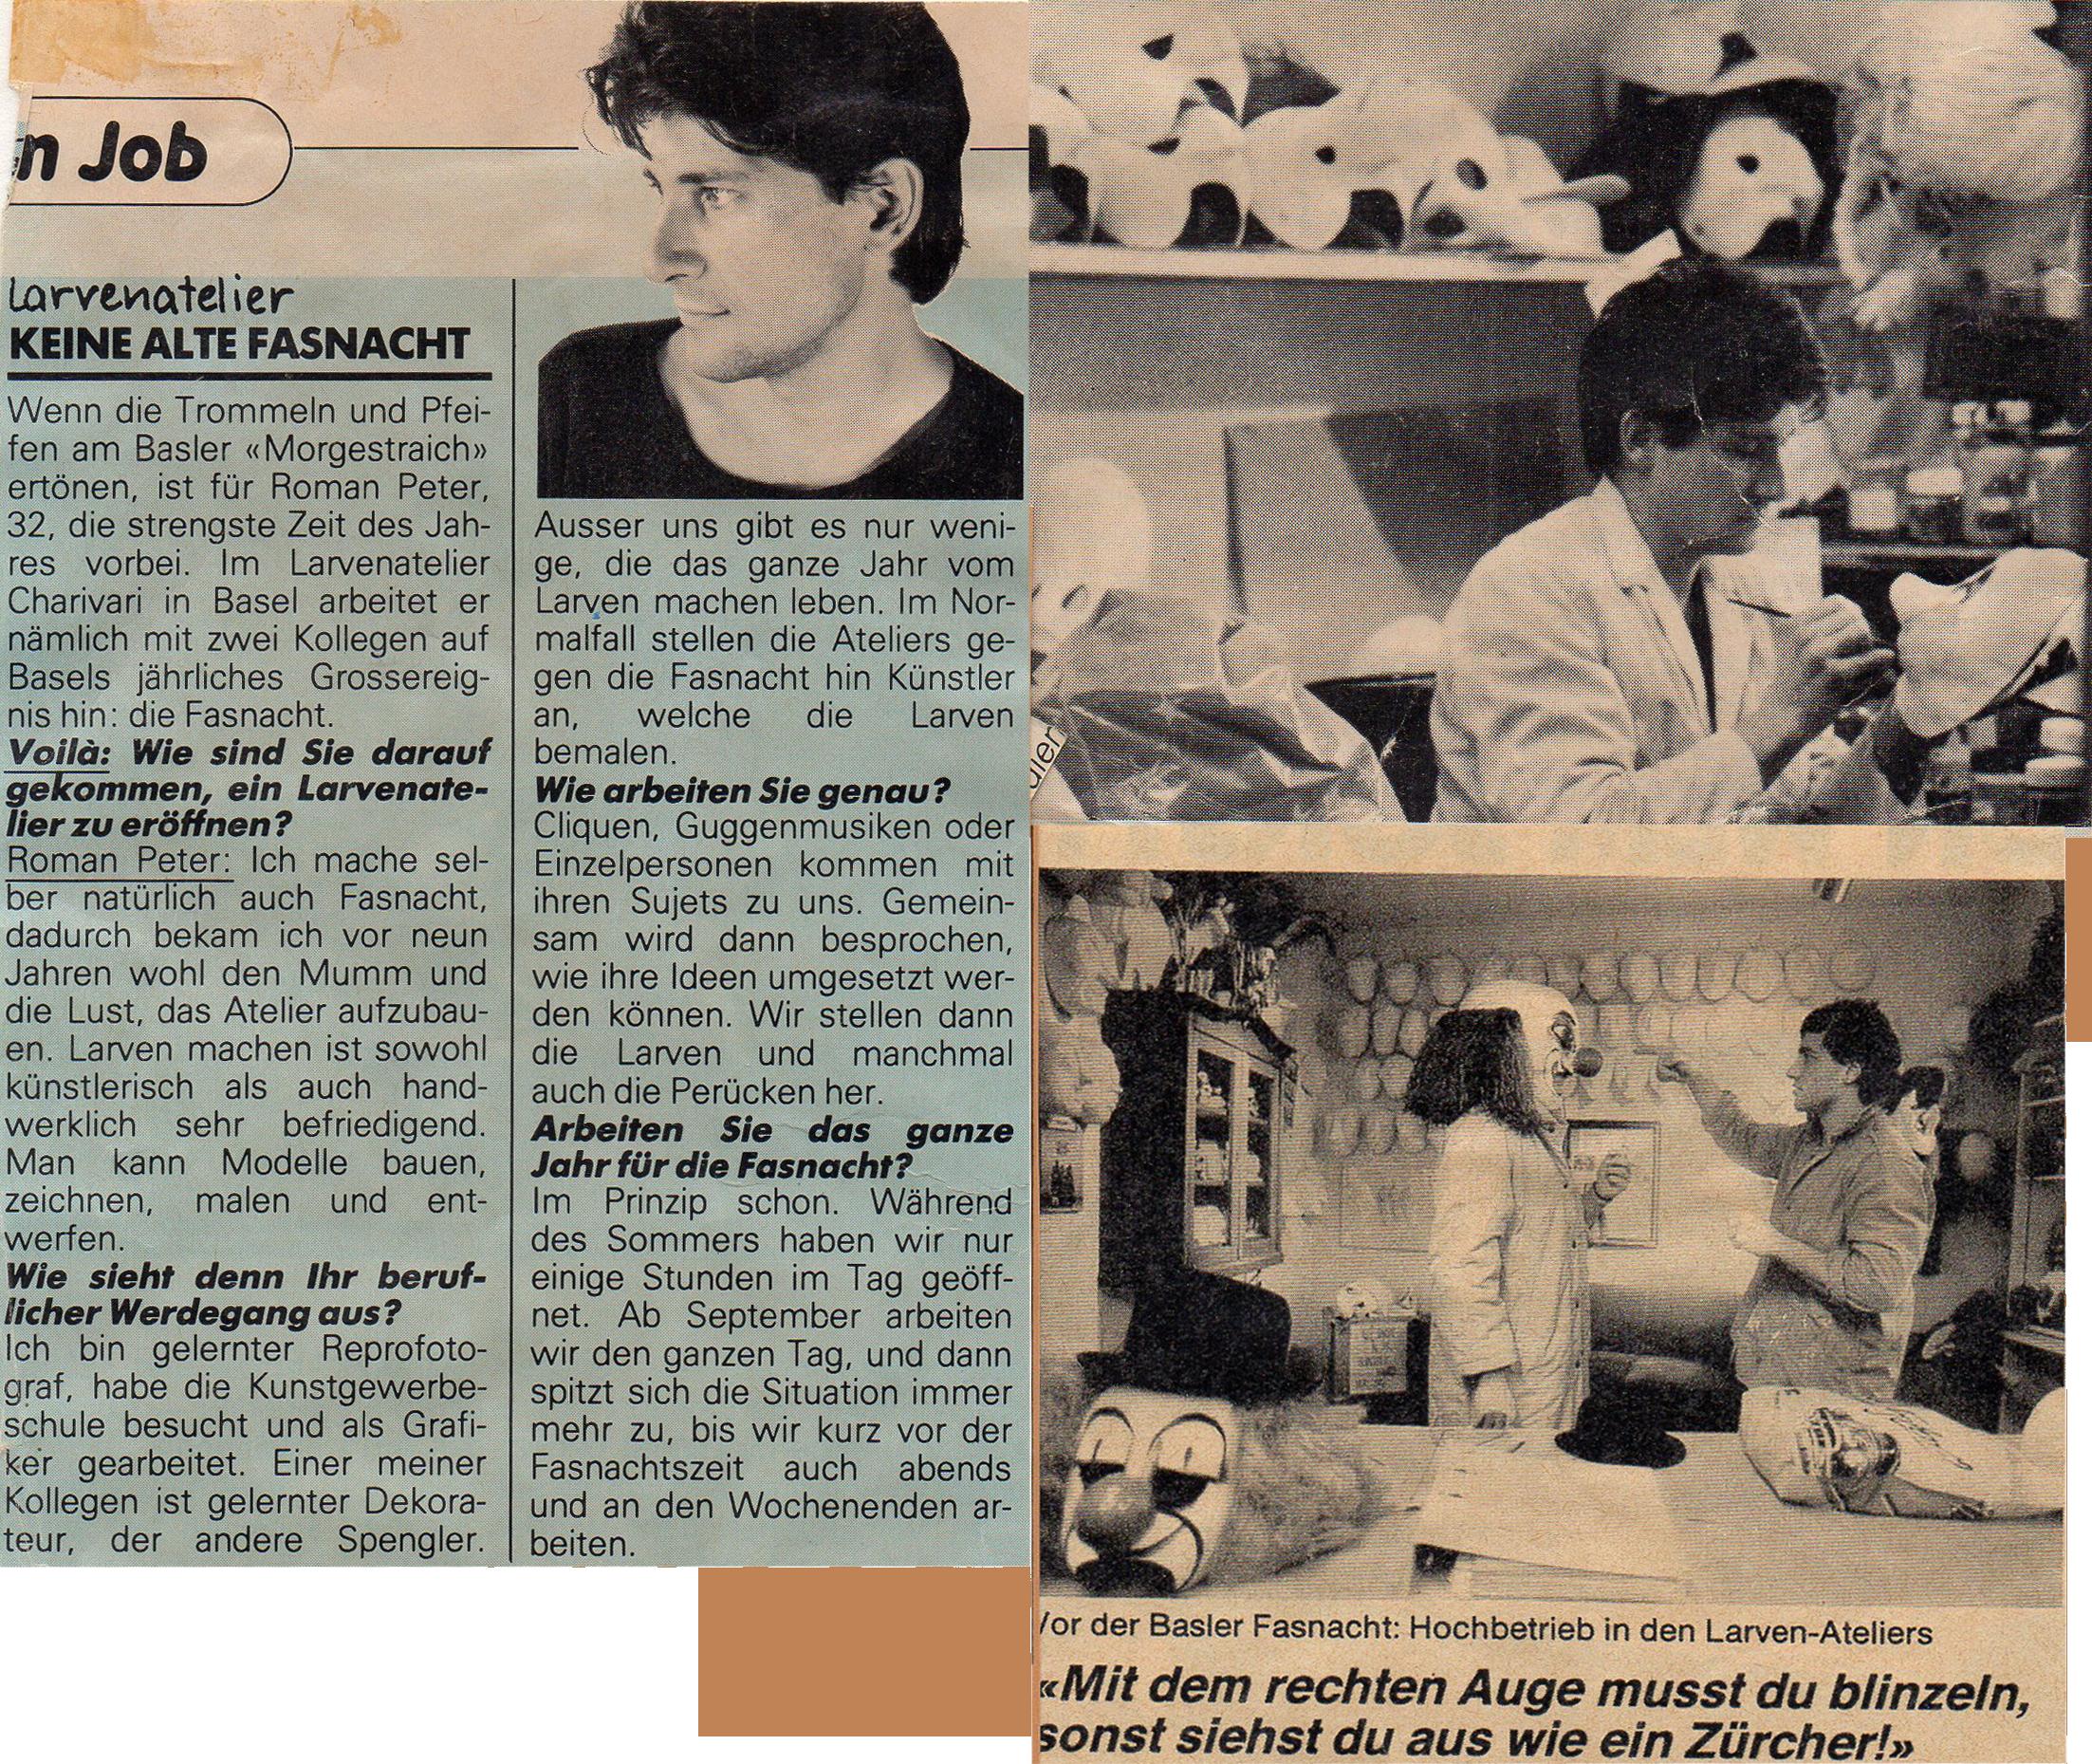 Februar 1985, Voilà